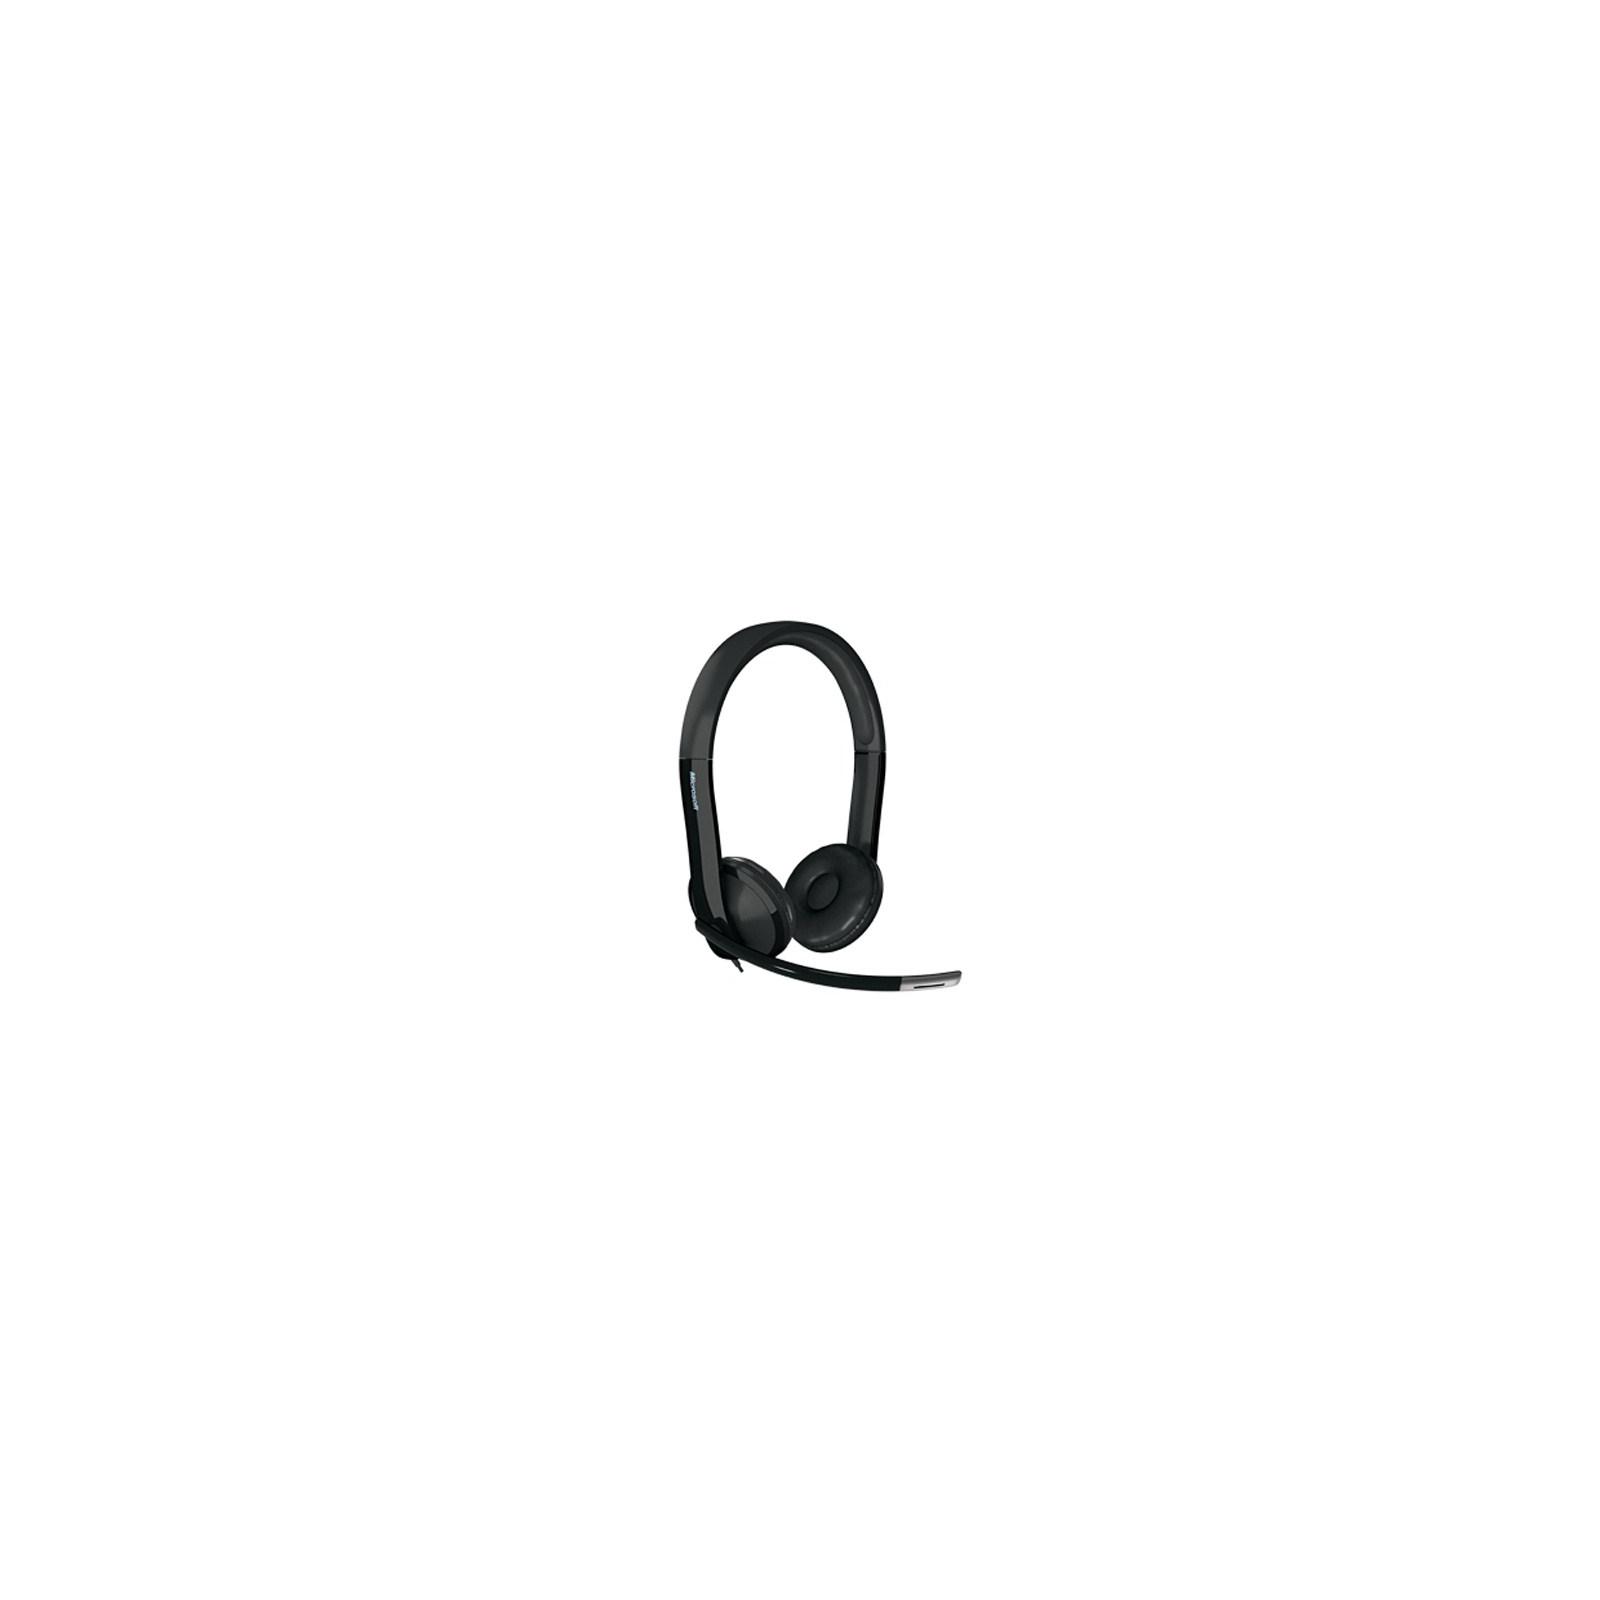 Навушники Microsoft LX-6000 USB Business (7XF-00001) ціни в Києві та ... 4ba6de003549e